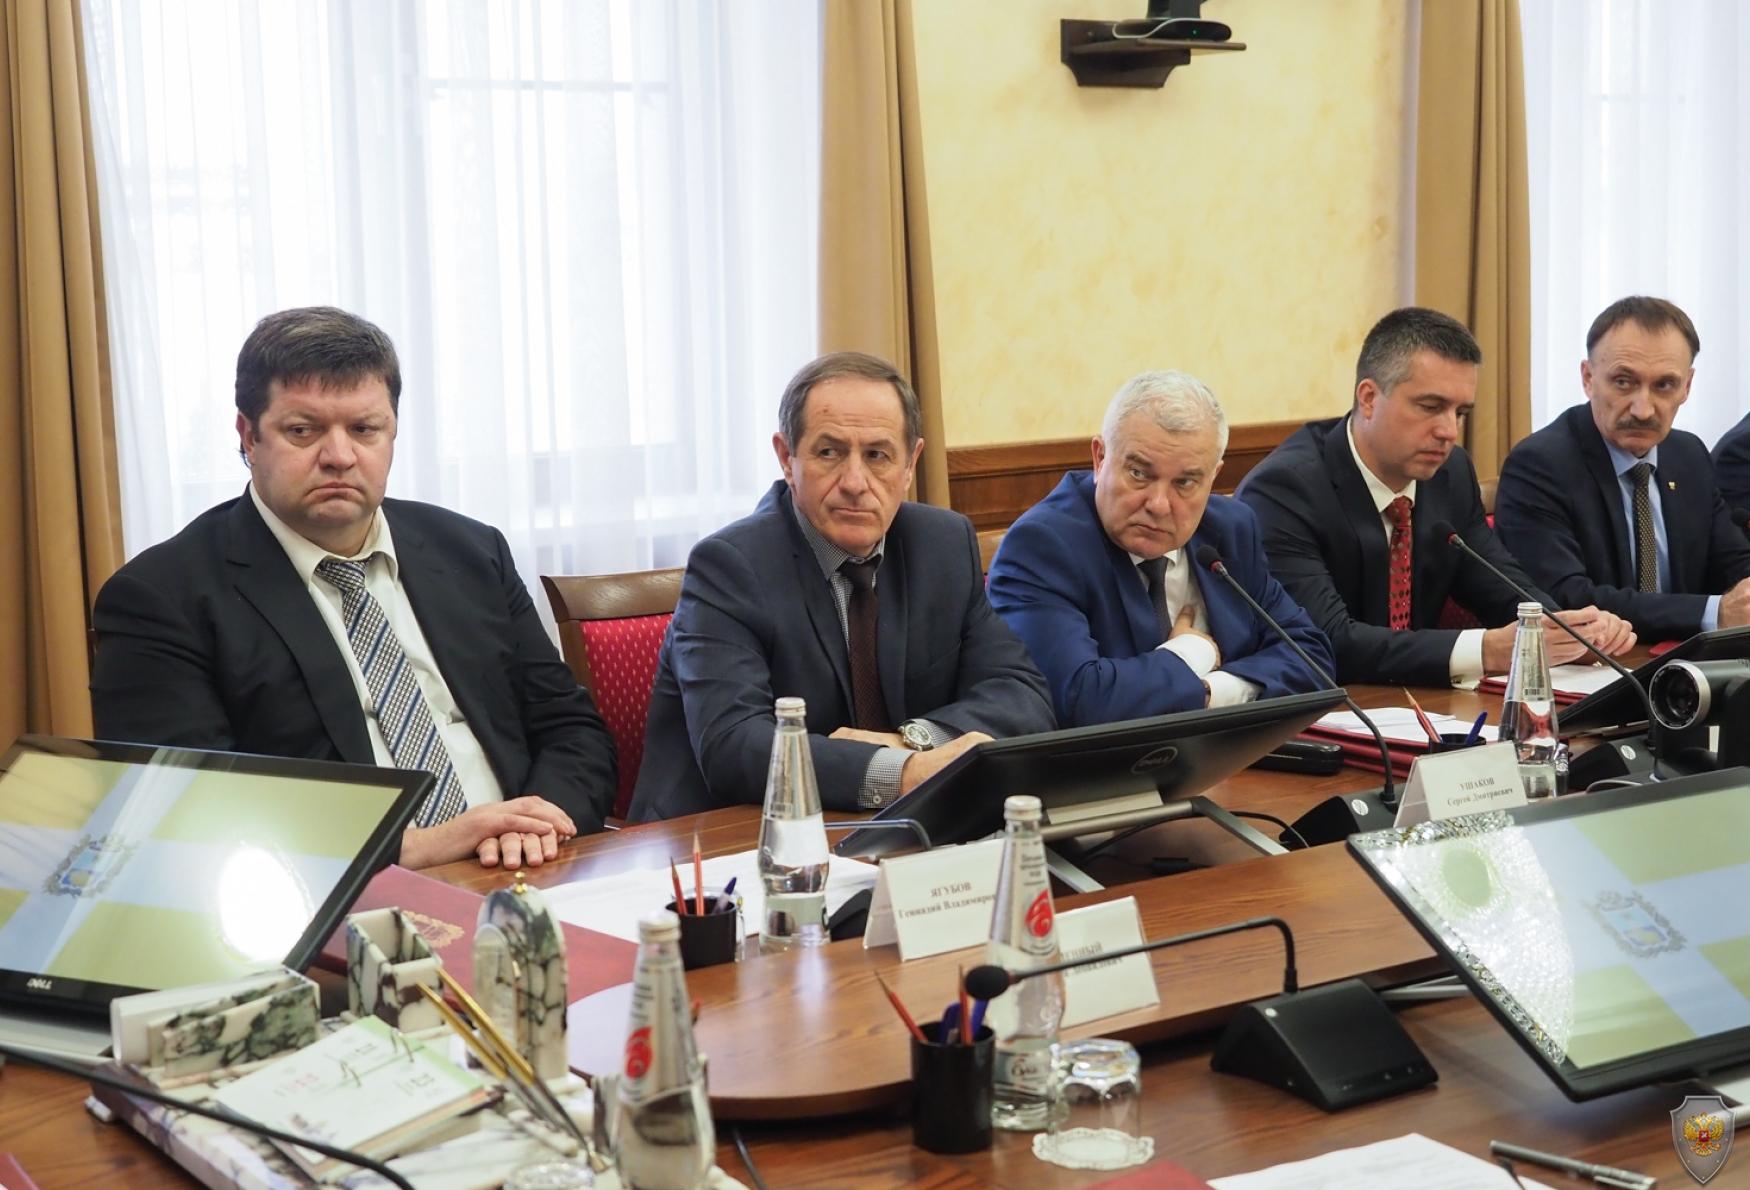 Под председательством Губернатора Владимира Владимирова состоялось совместное заседание антитеррористической комиссии края и регионального оперативного штаба